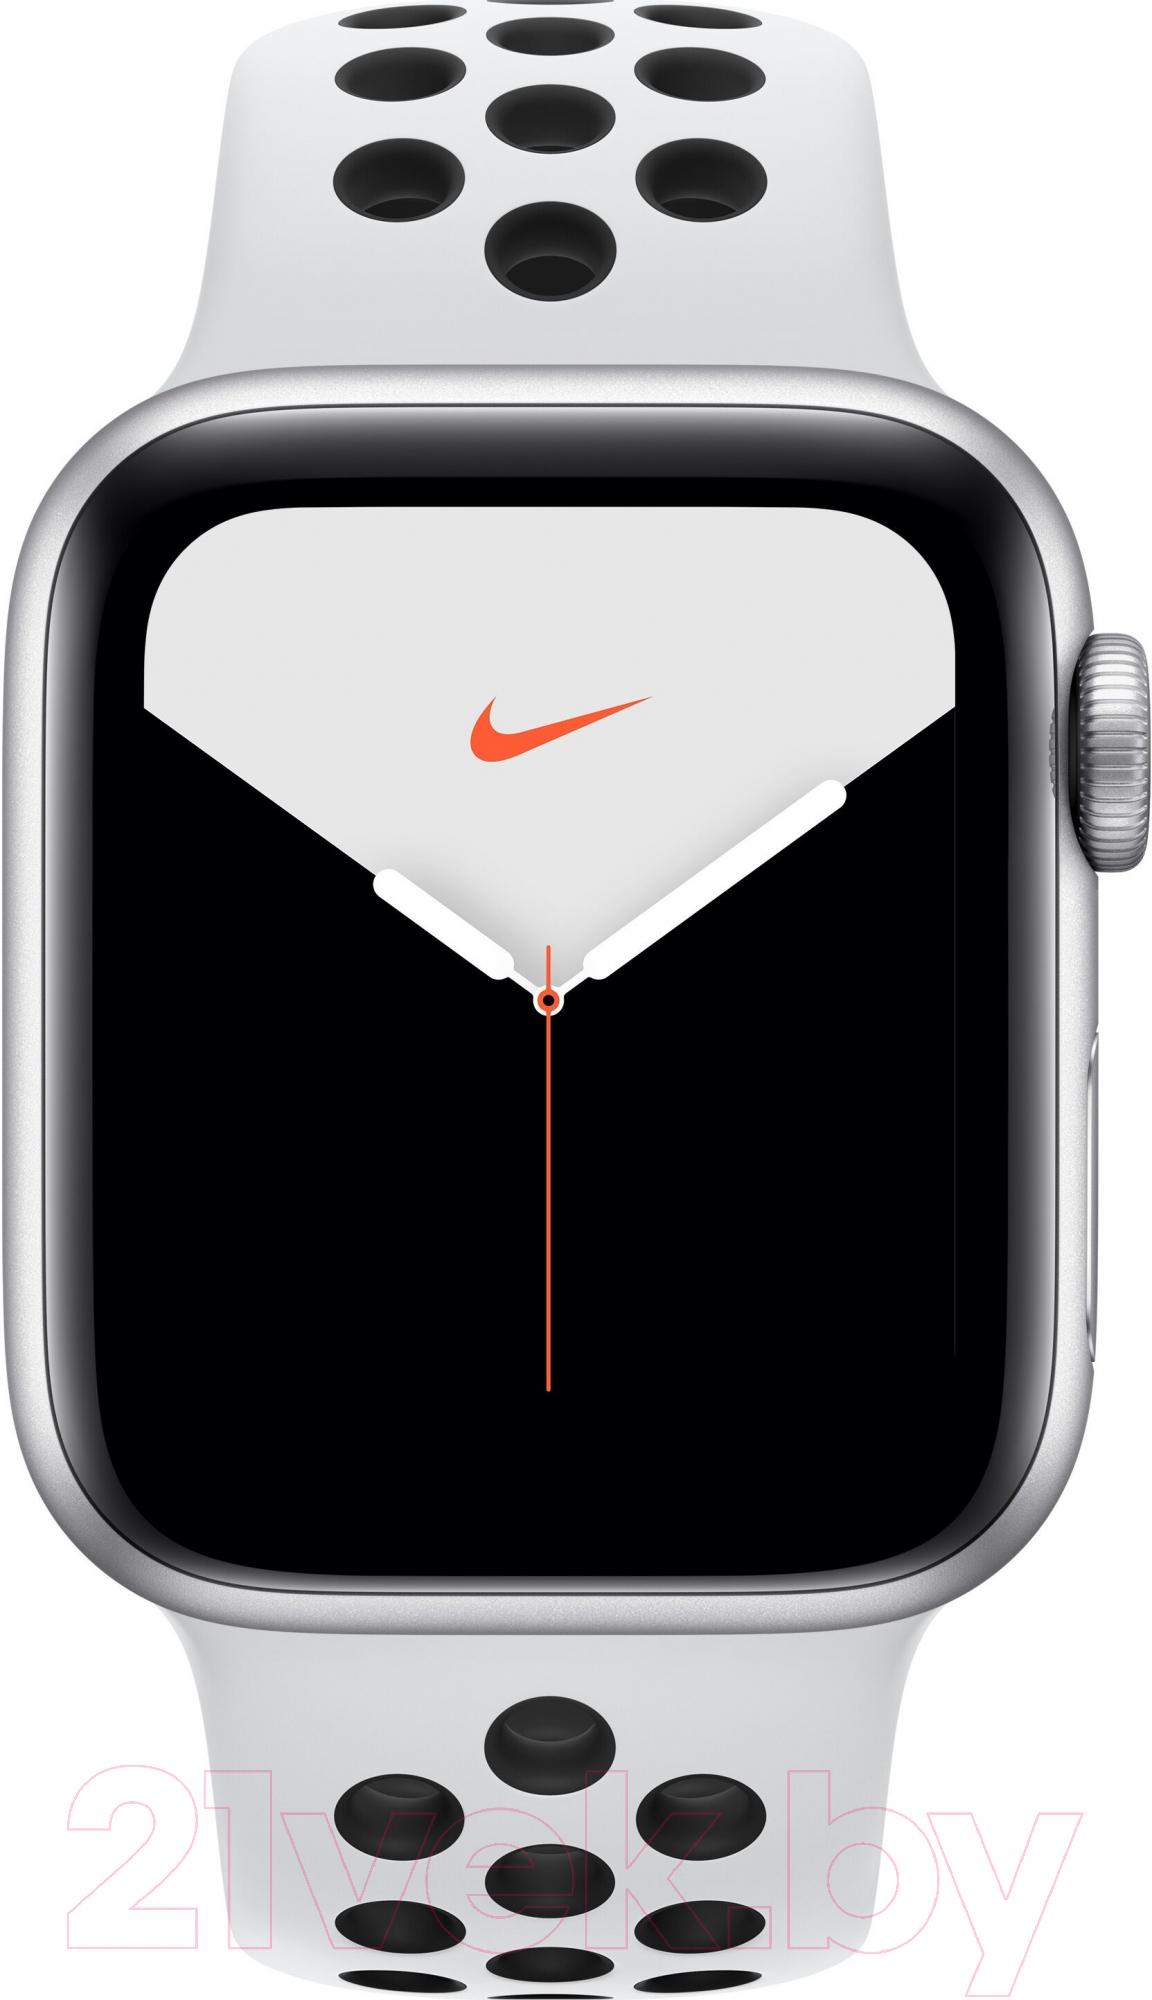 Купить Умные часы Apple, Watch Series 5 Nike+ GPS 44mm / MX3V2 (алюминий серебристый/чистая платина, черный), Китай